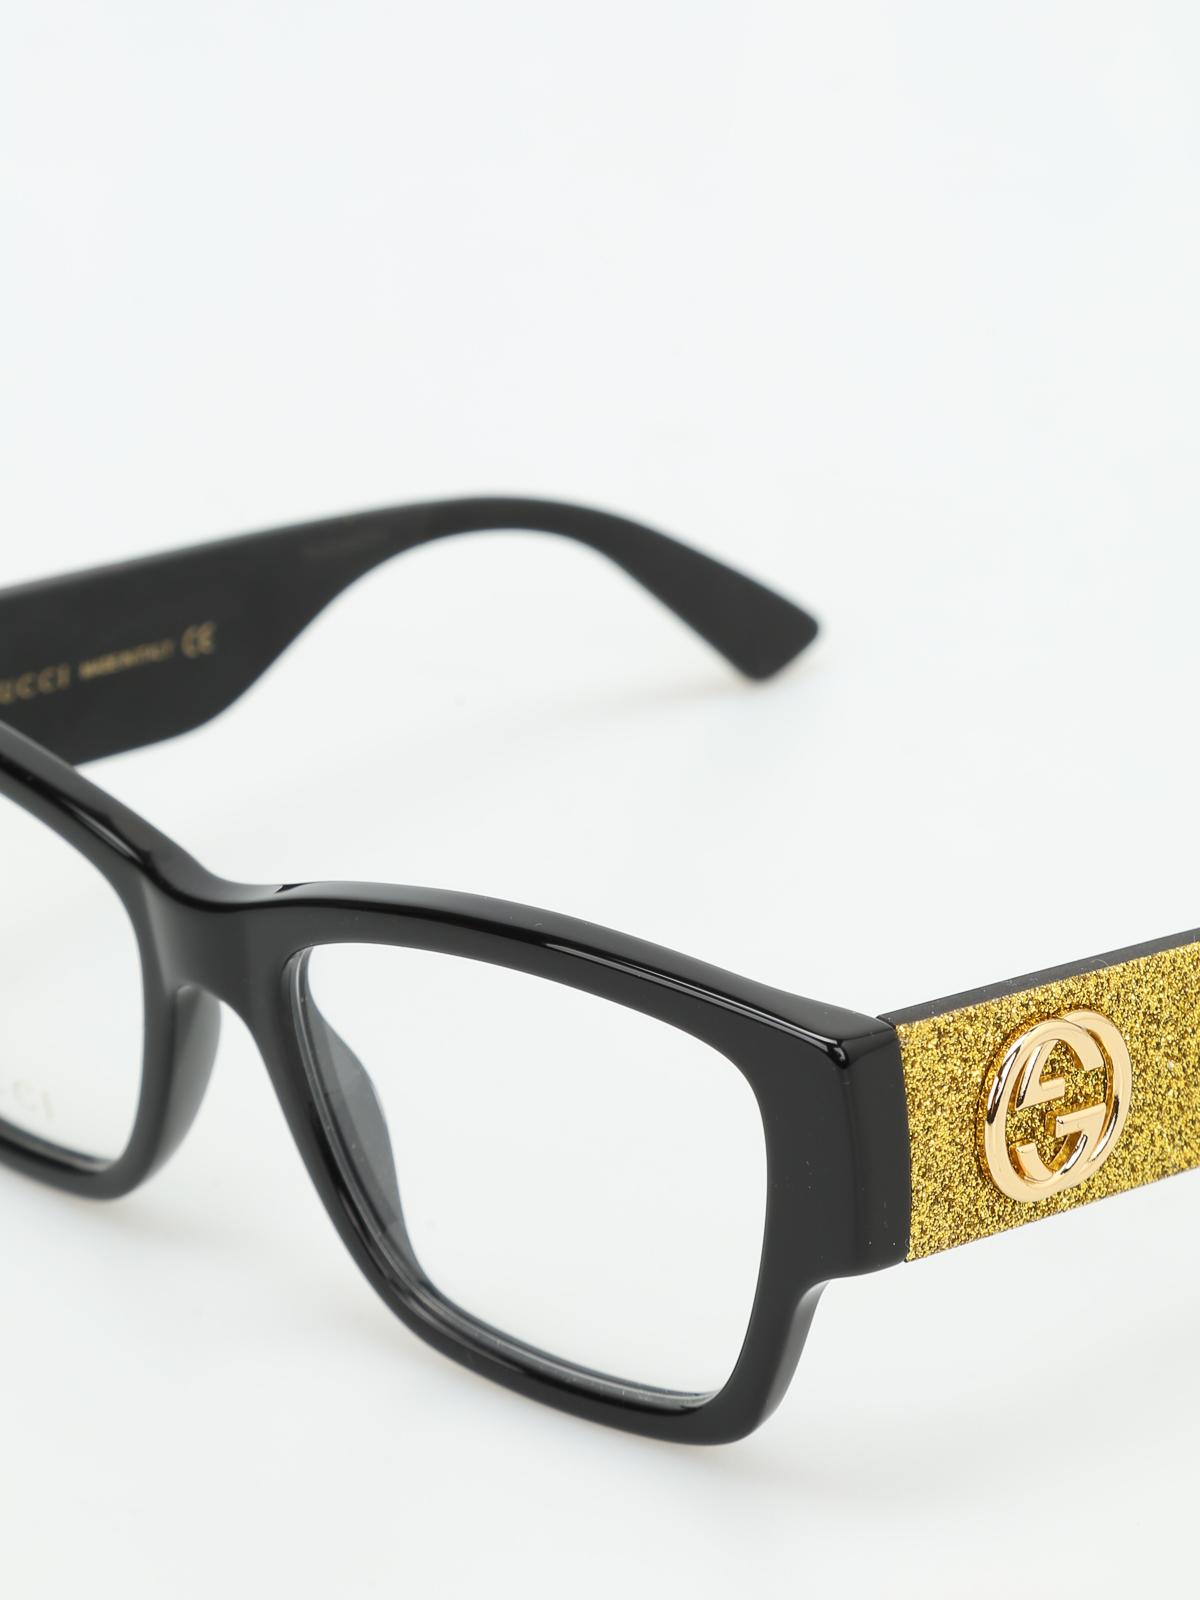 Gucci - Brillen Fur Unisex - Schwarz - Brillen - GG0104O2 | iKRIX.com